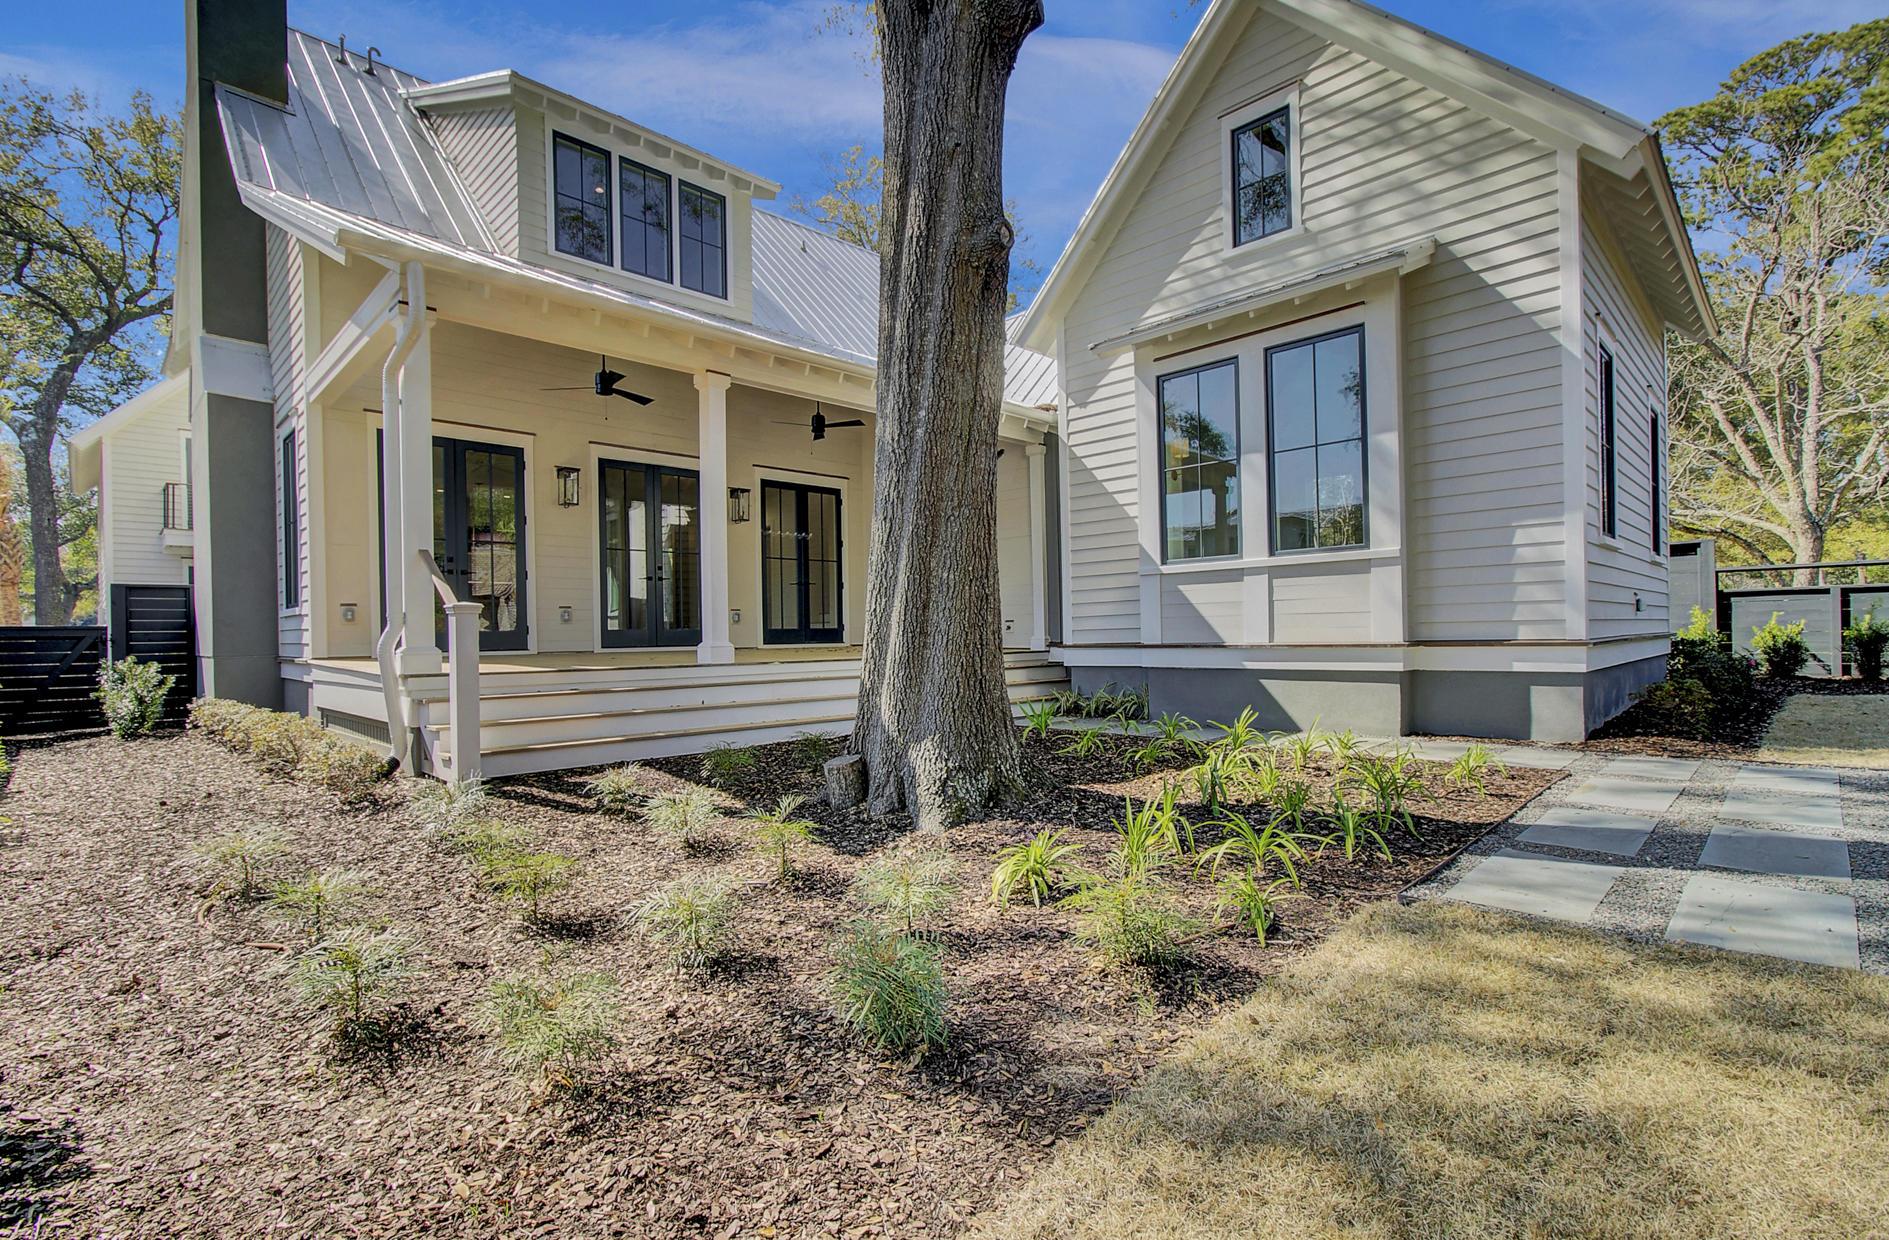 Old Mt Pleasant Homes For Sale - 1416 Jackson, Mount Pleasant, SC - 75